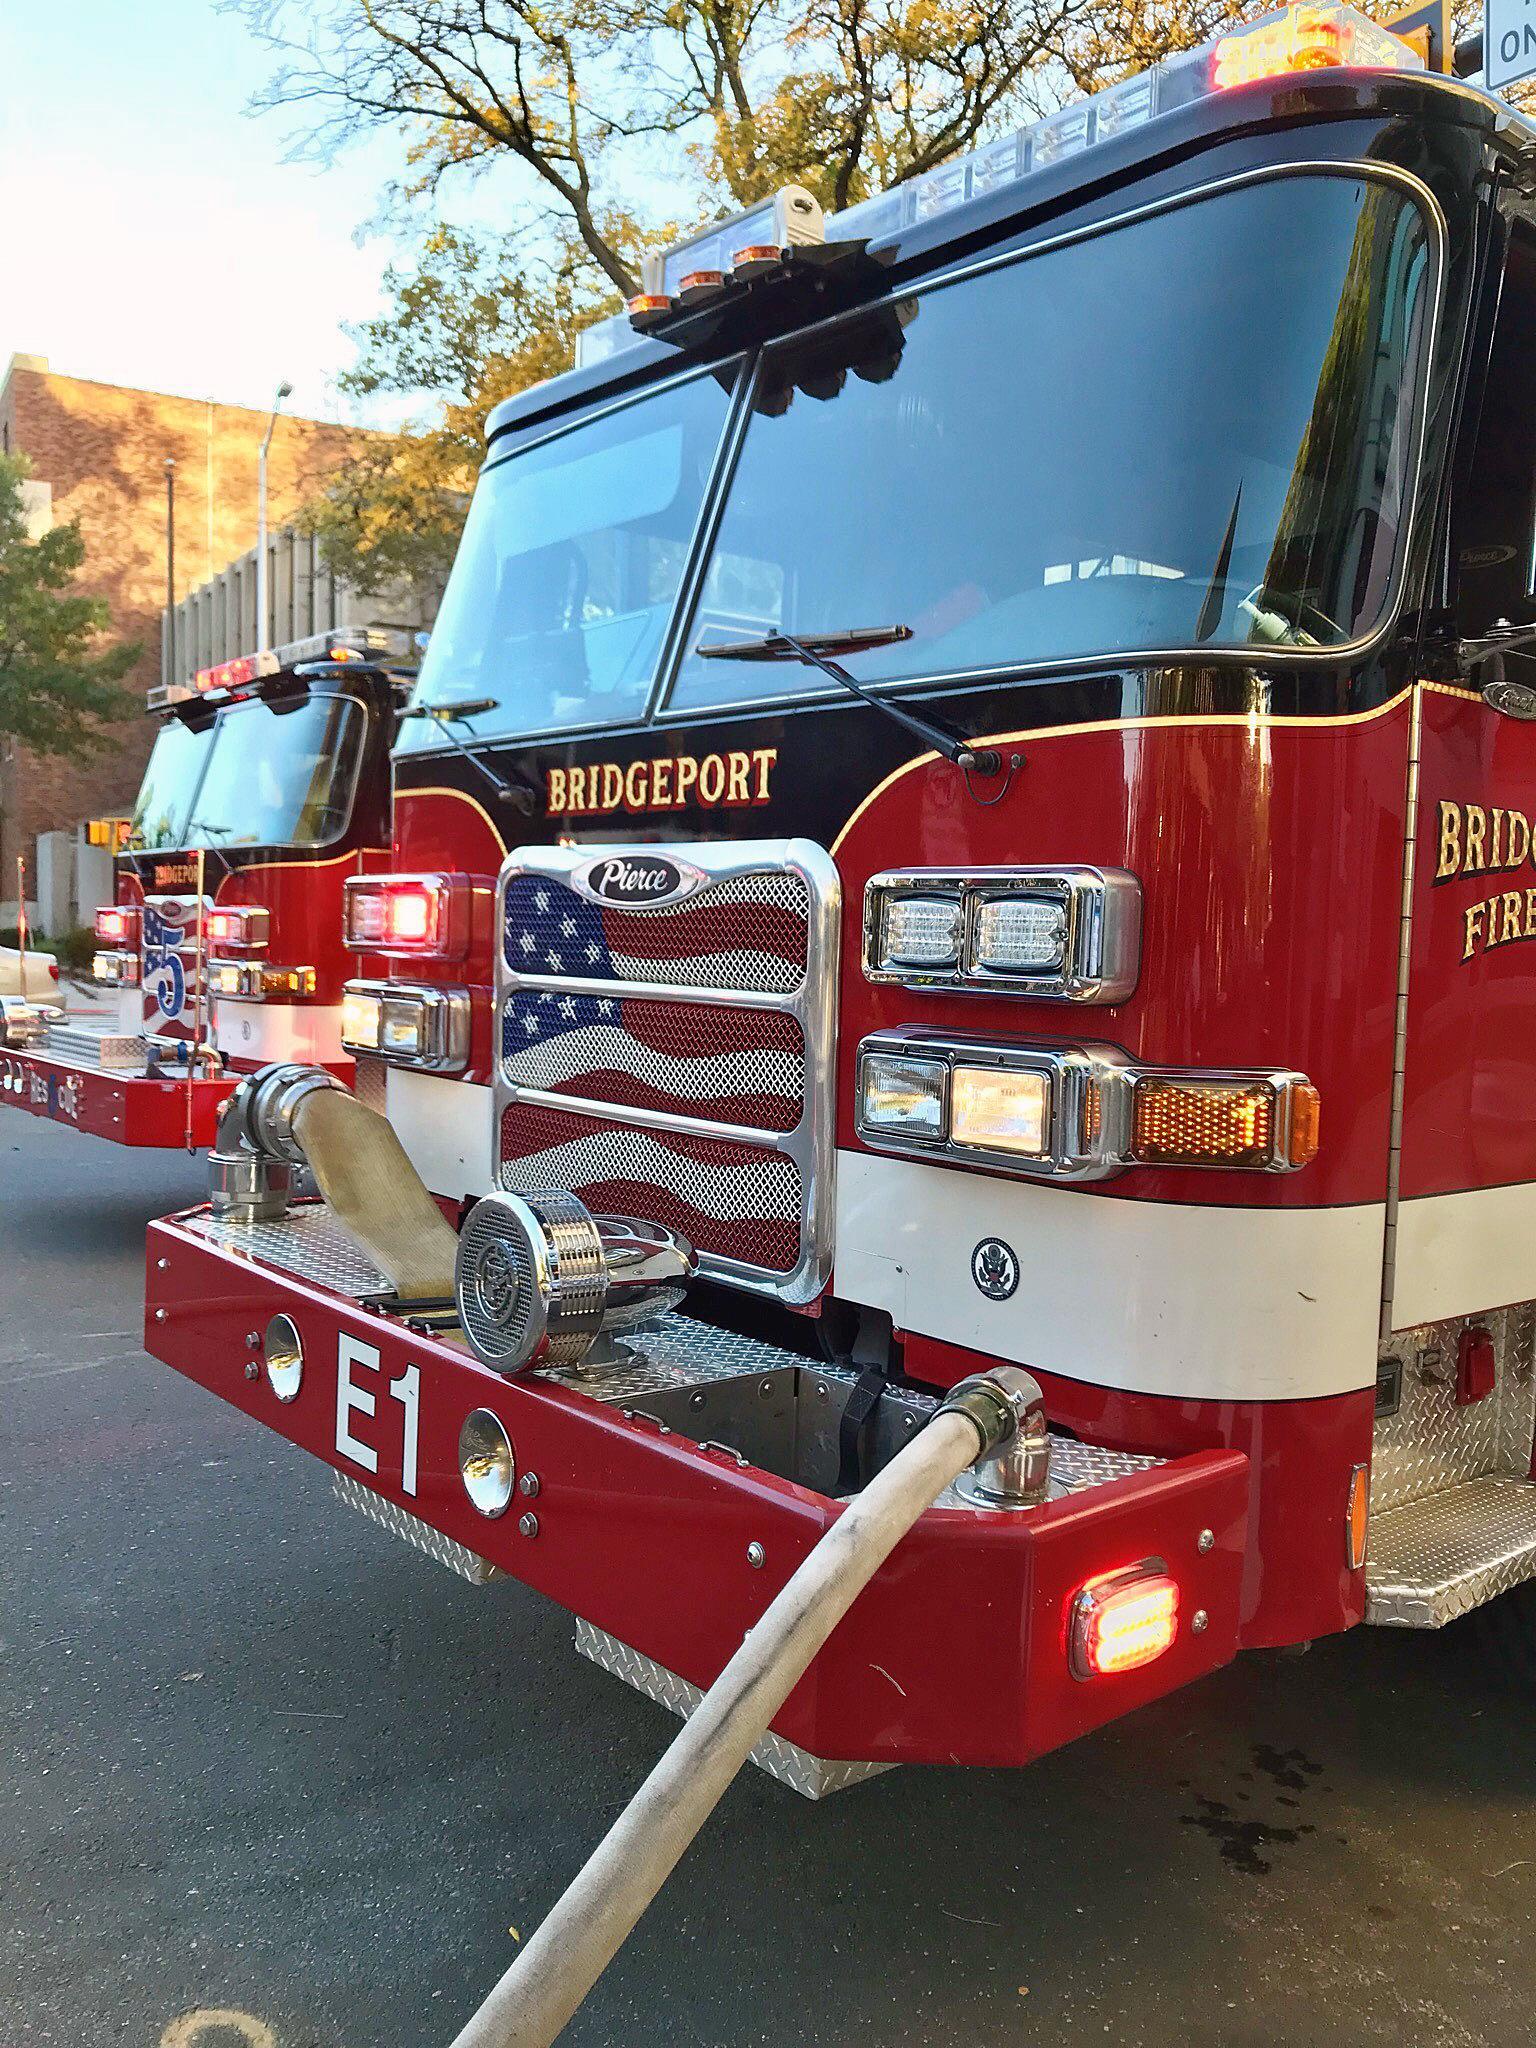 Bridgeport fire quickly extinguished